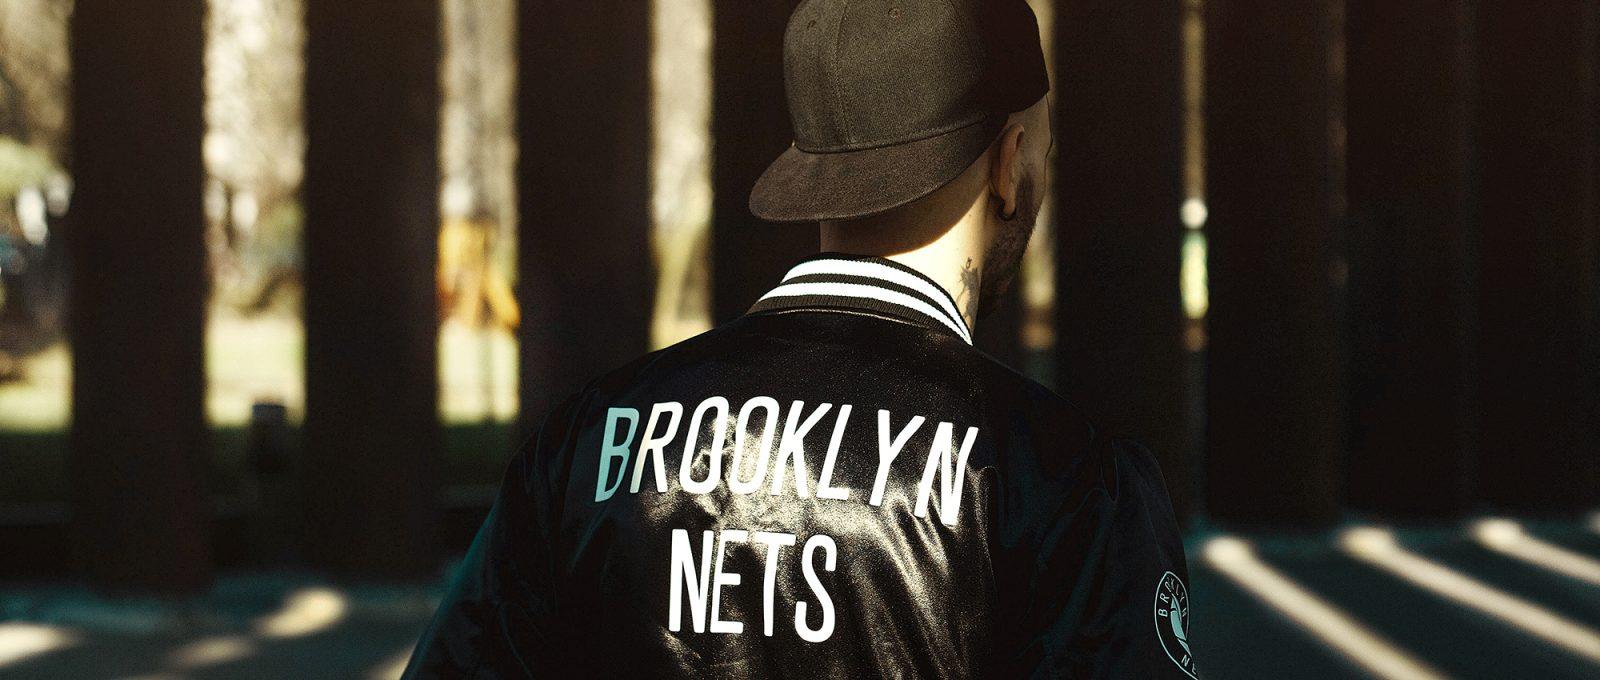 La nuova collezione New Era dedicata all'NBA